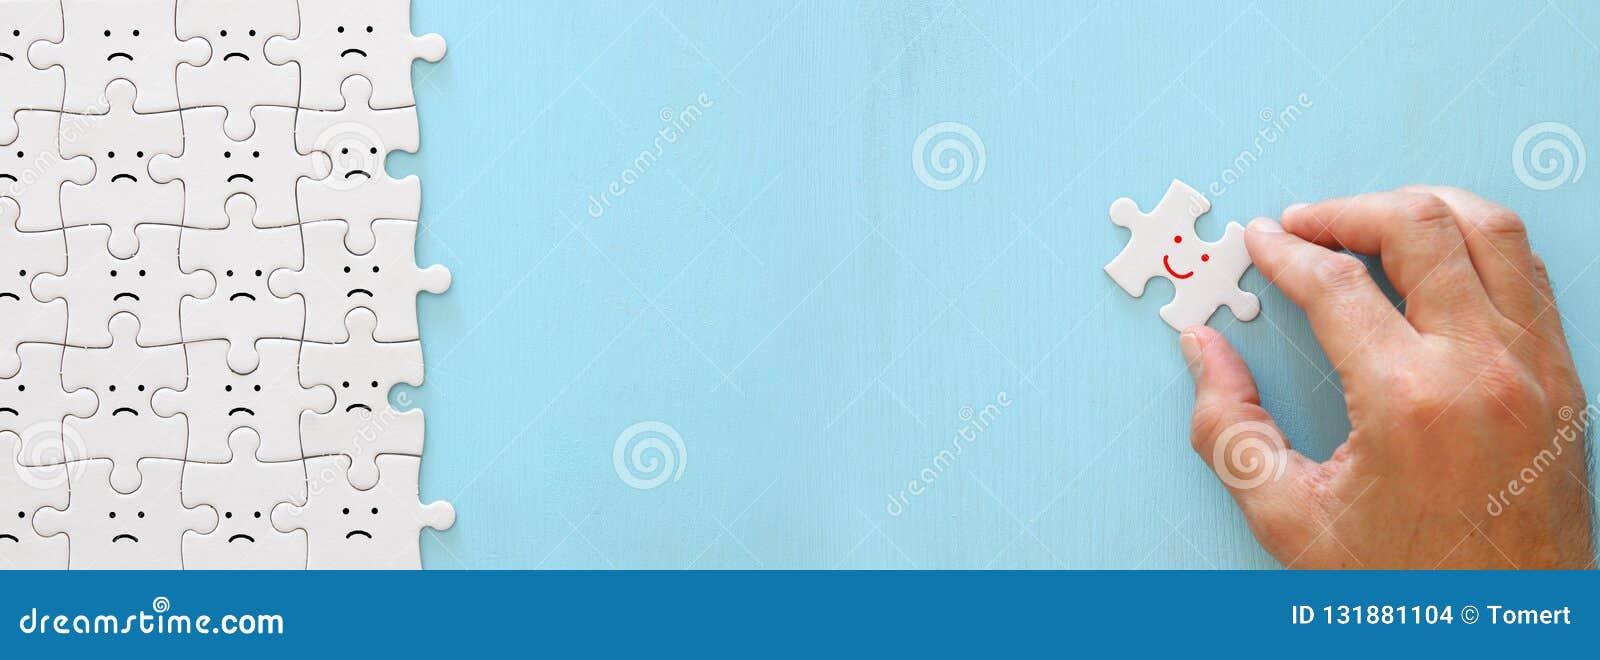 Imagem do conceito da pessoa escolhida entre outros uma cara de sorriso está para fora da multidão